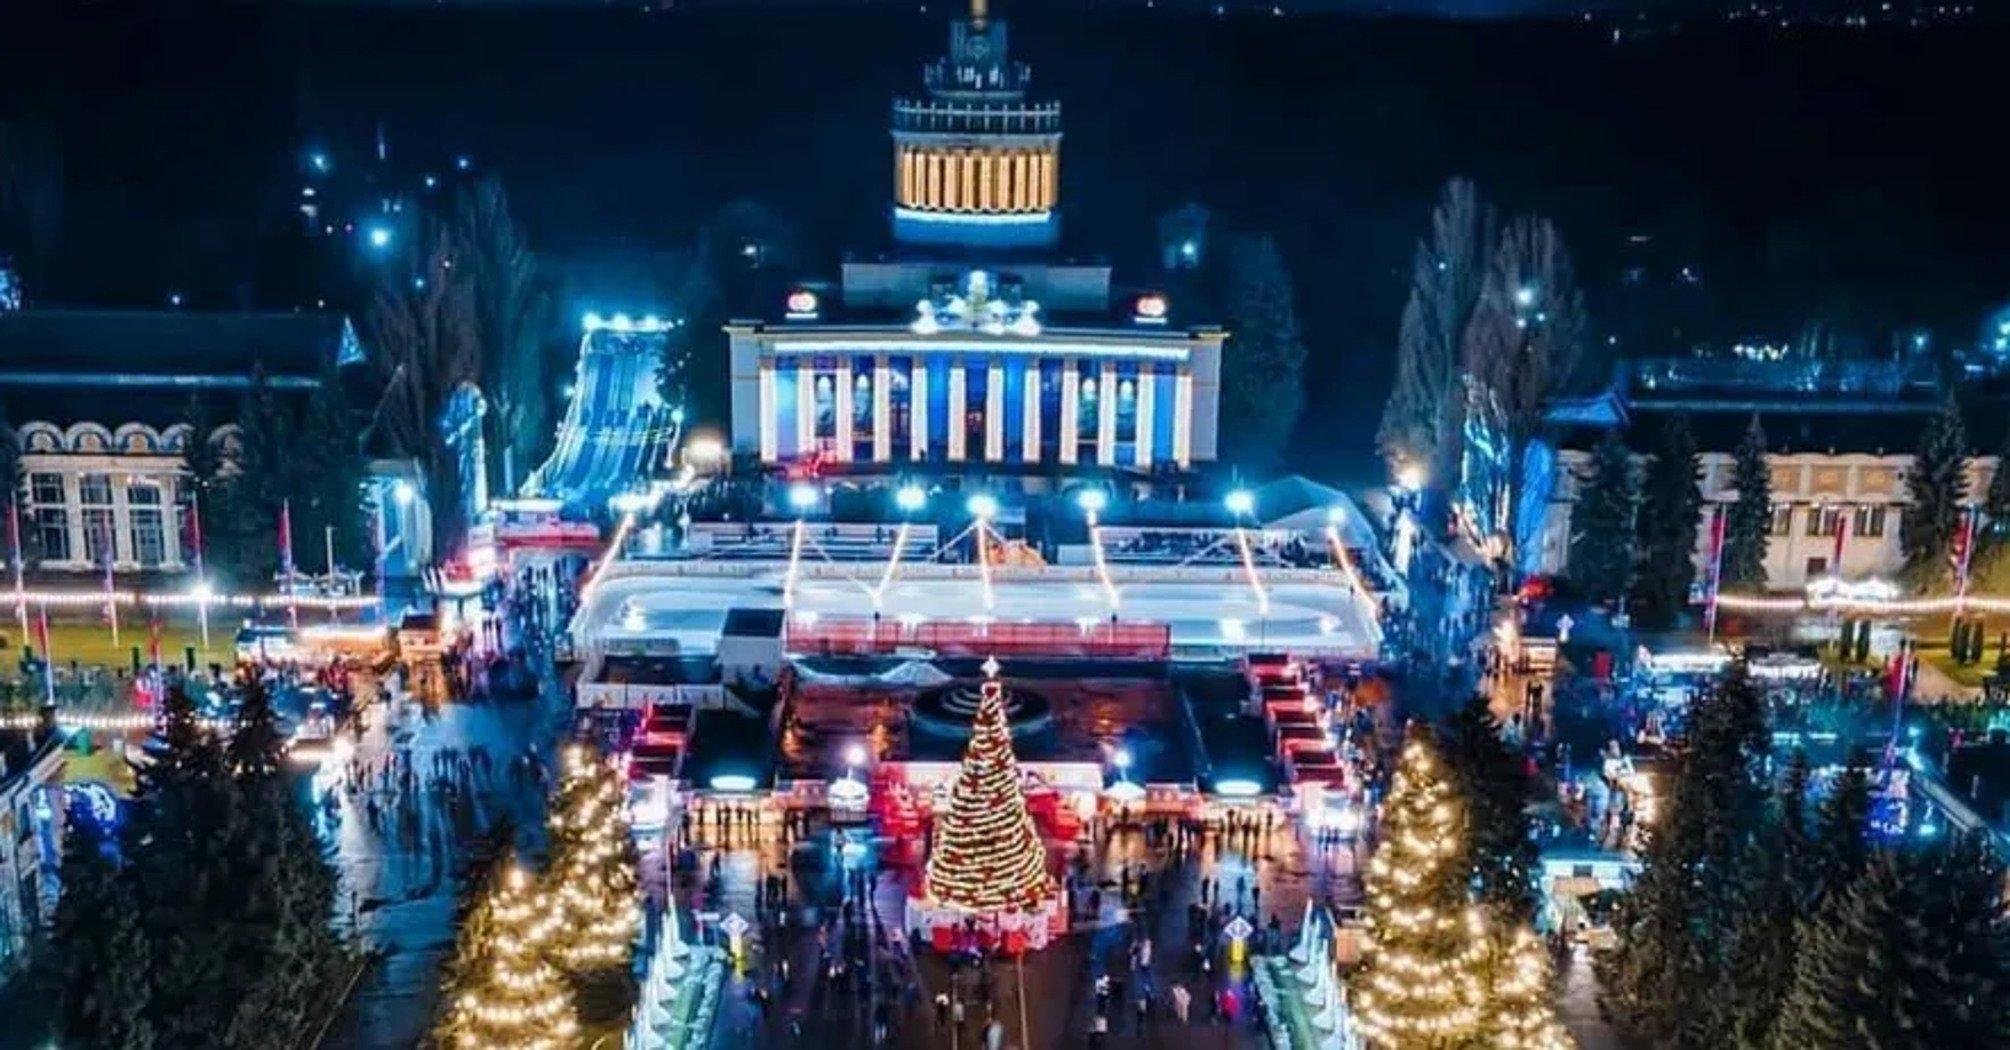 На ВДНХ в Киеве отпраздновали Новый год массовыми гуляниями и зазывают на Рождество